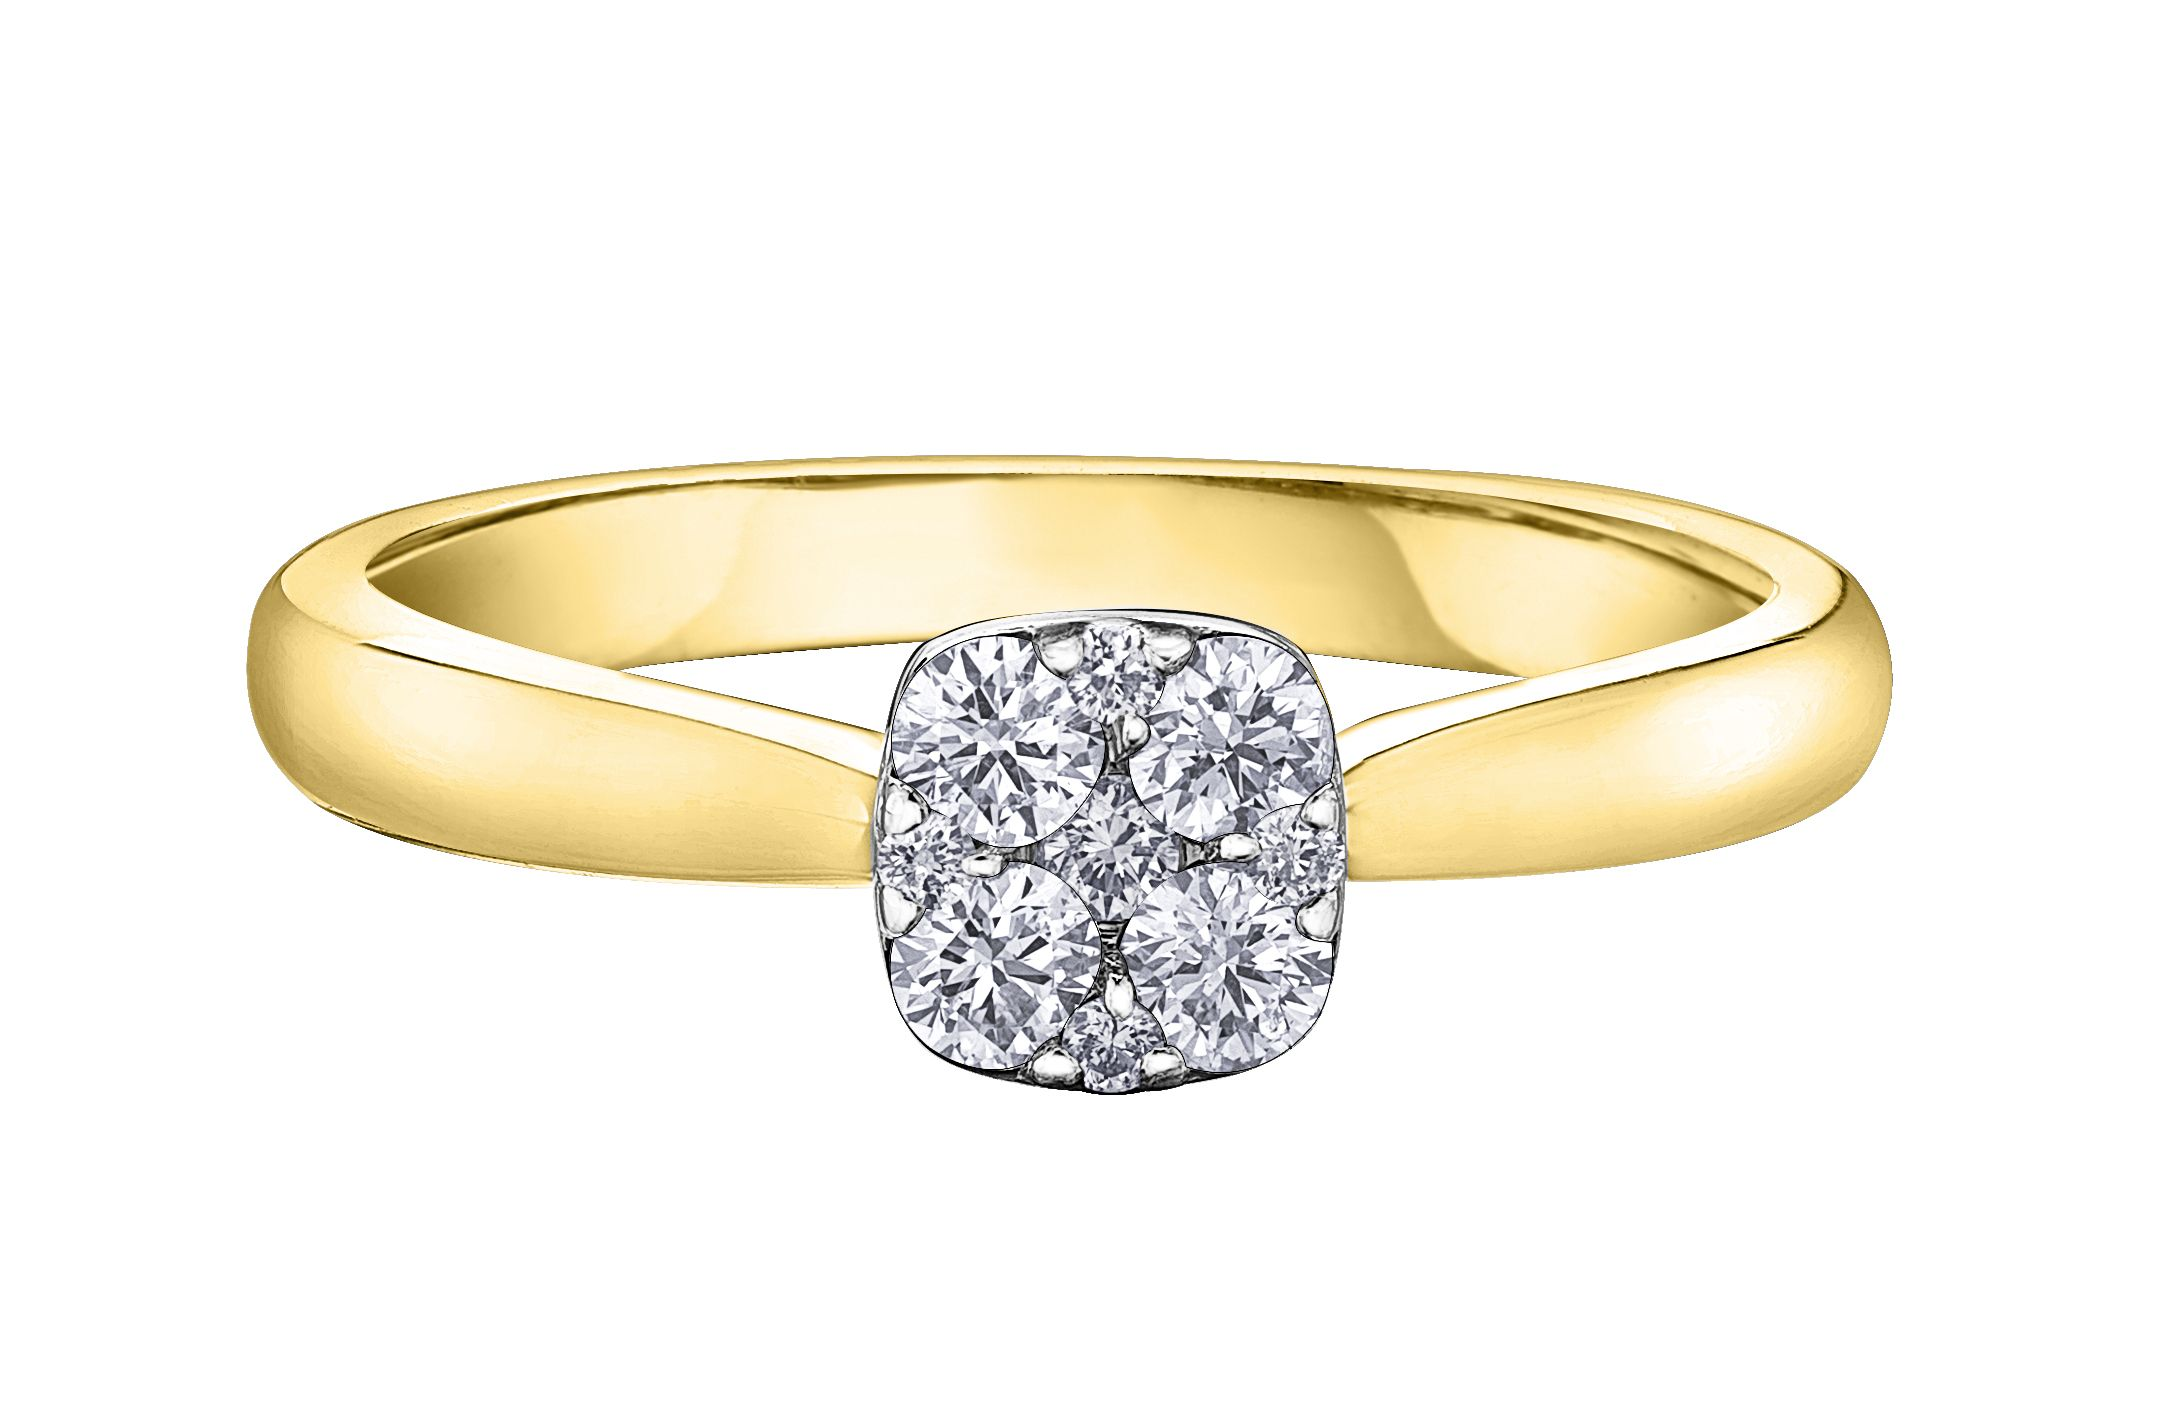 bague or jaune diamant solde